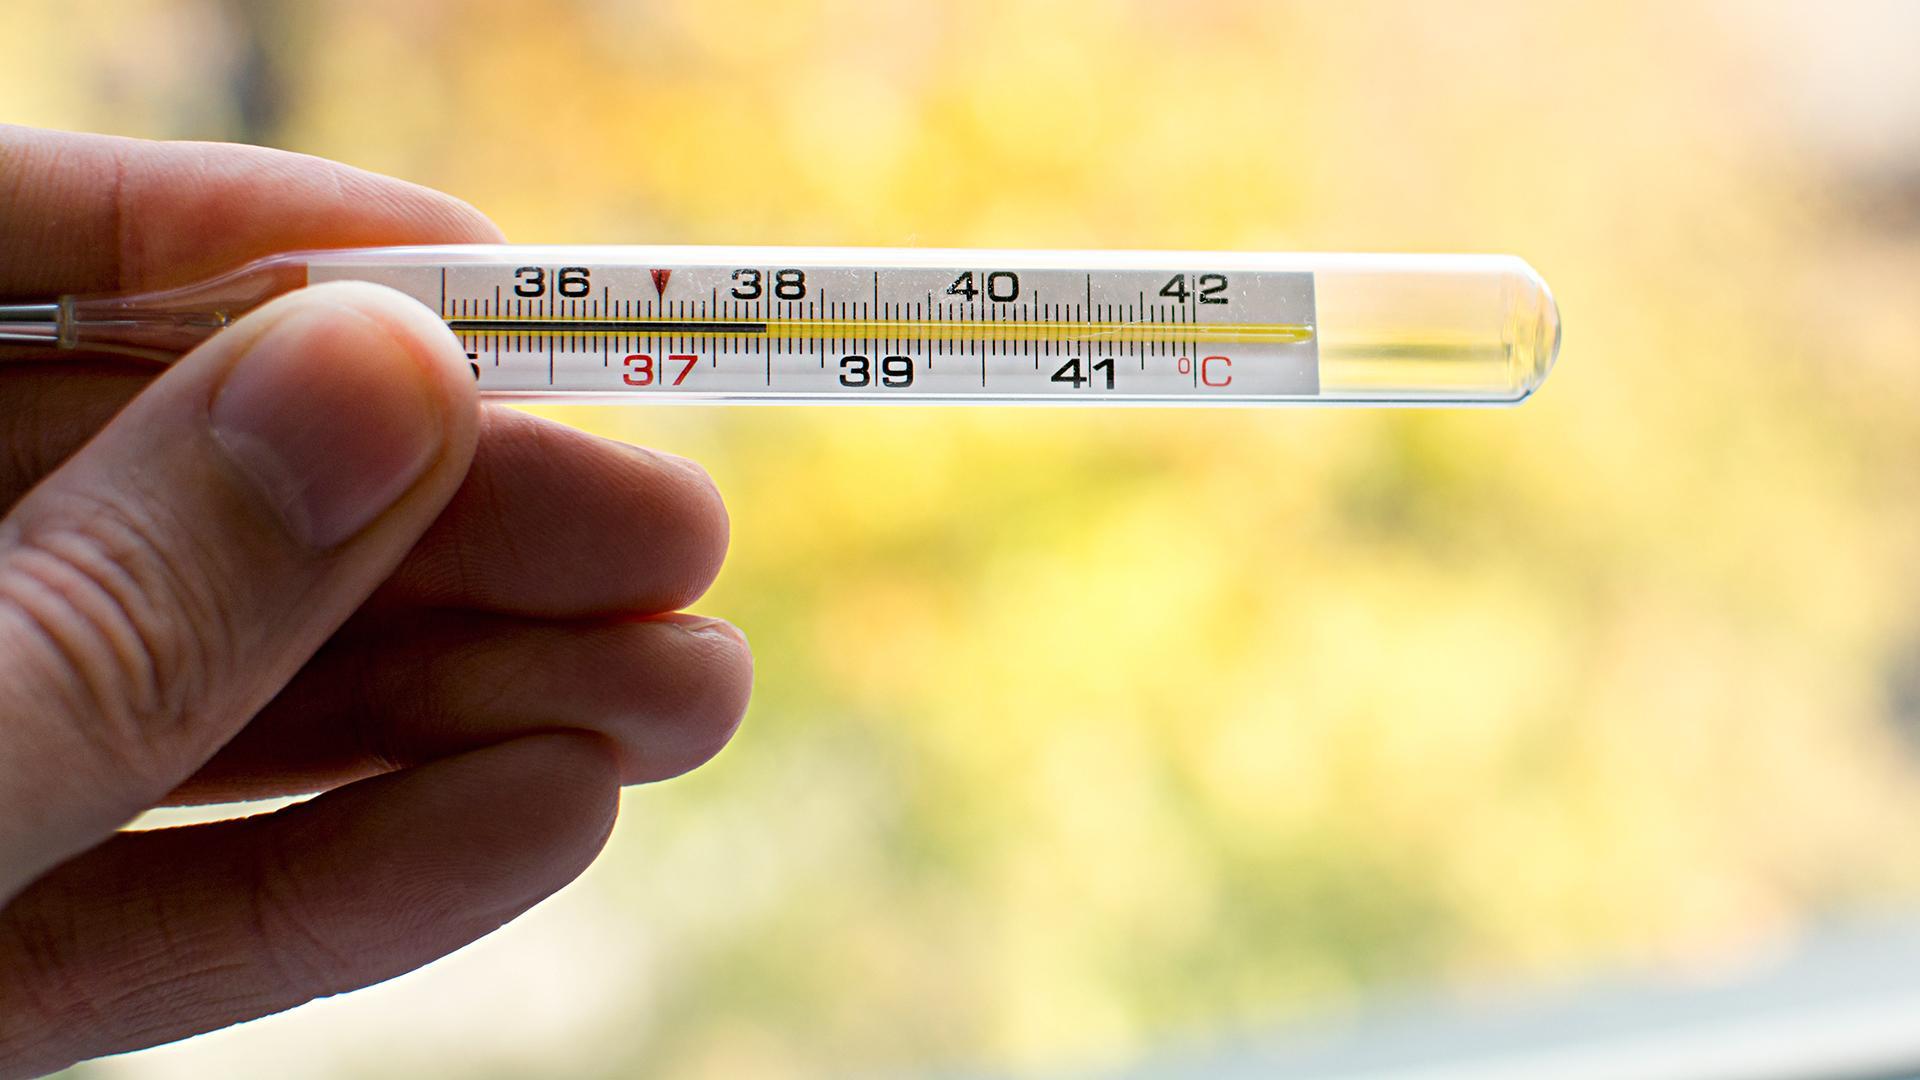 За добу у франківські лікарні з пневмонією потрапили 14 людей – Марцінків